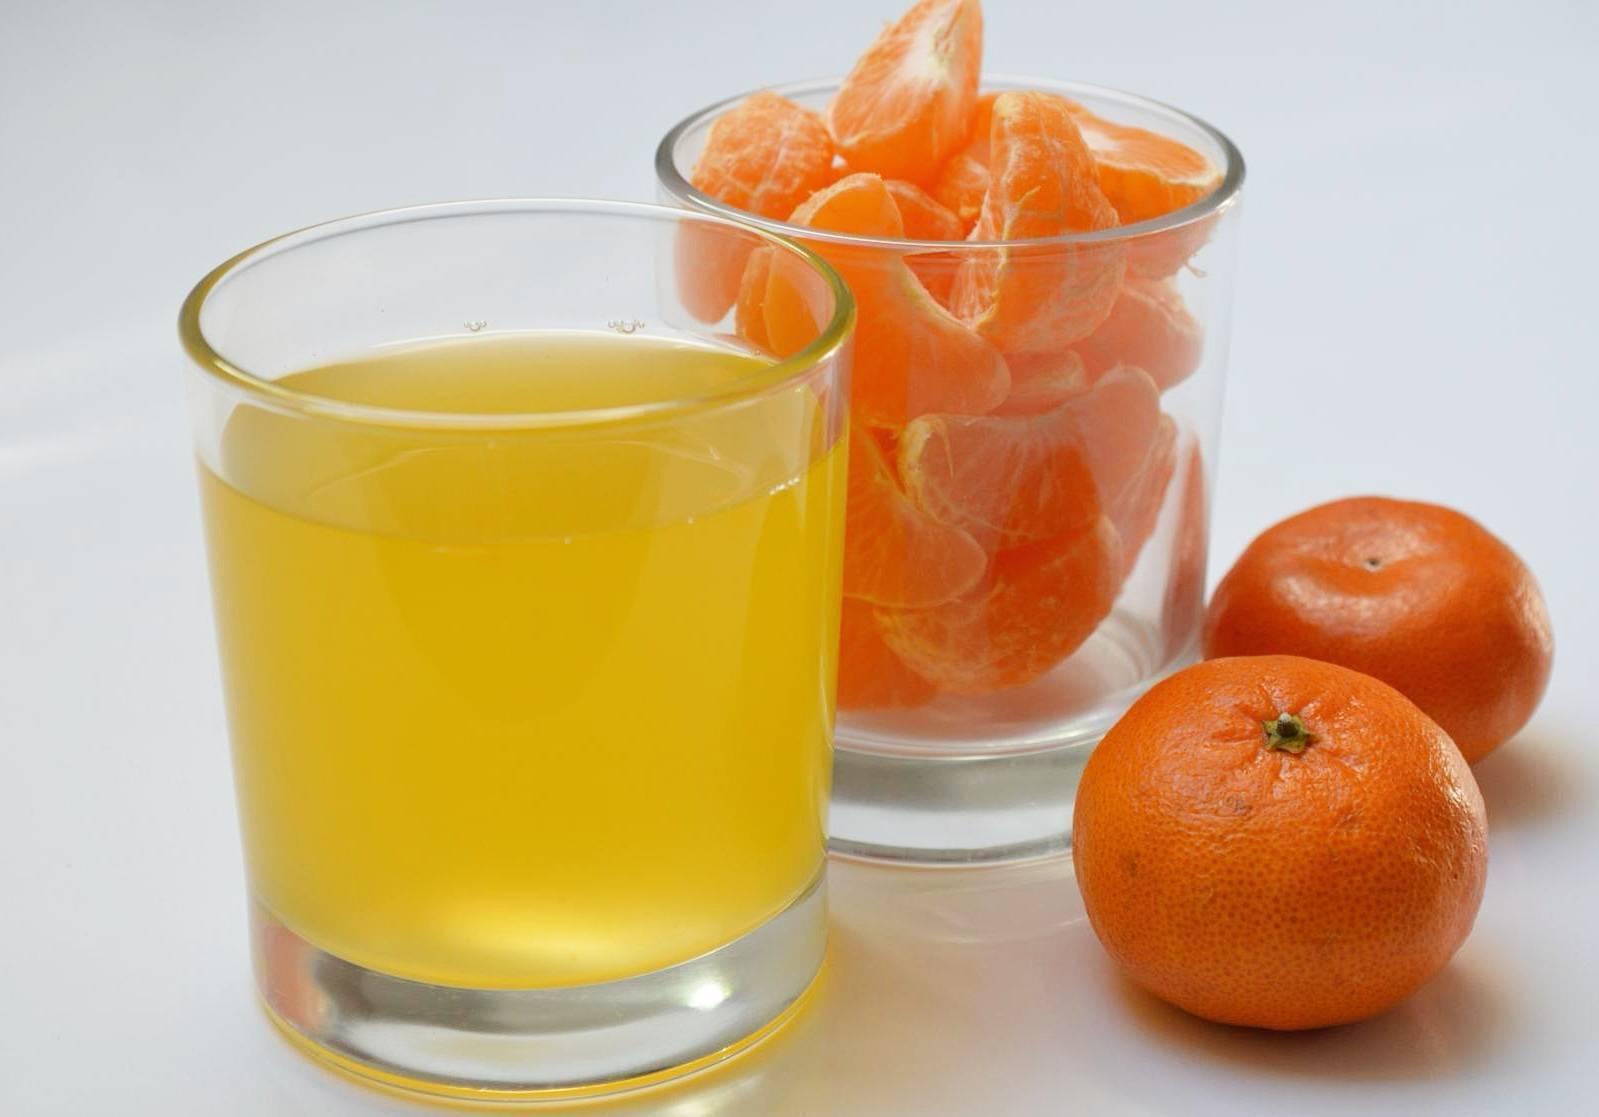 Чай с мандарином: рецепты с корками, мякотью и соком фрукта - мир здоровья